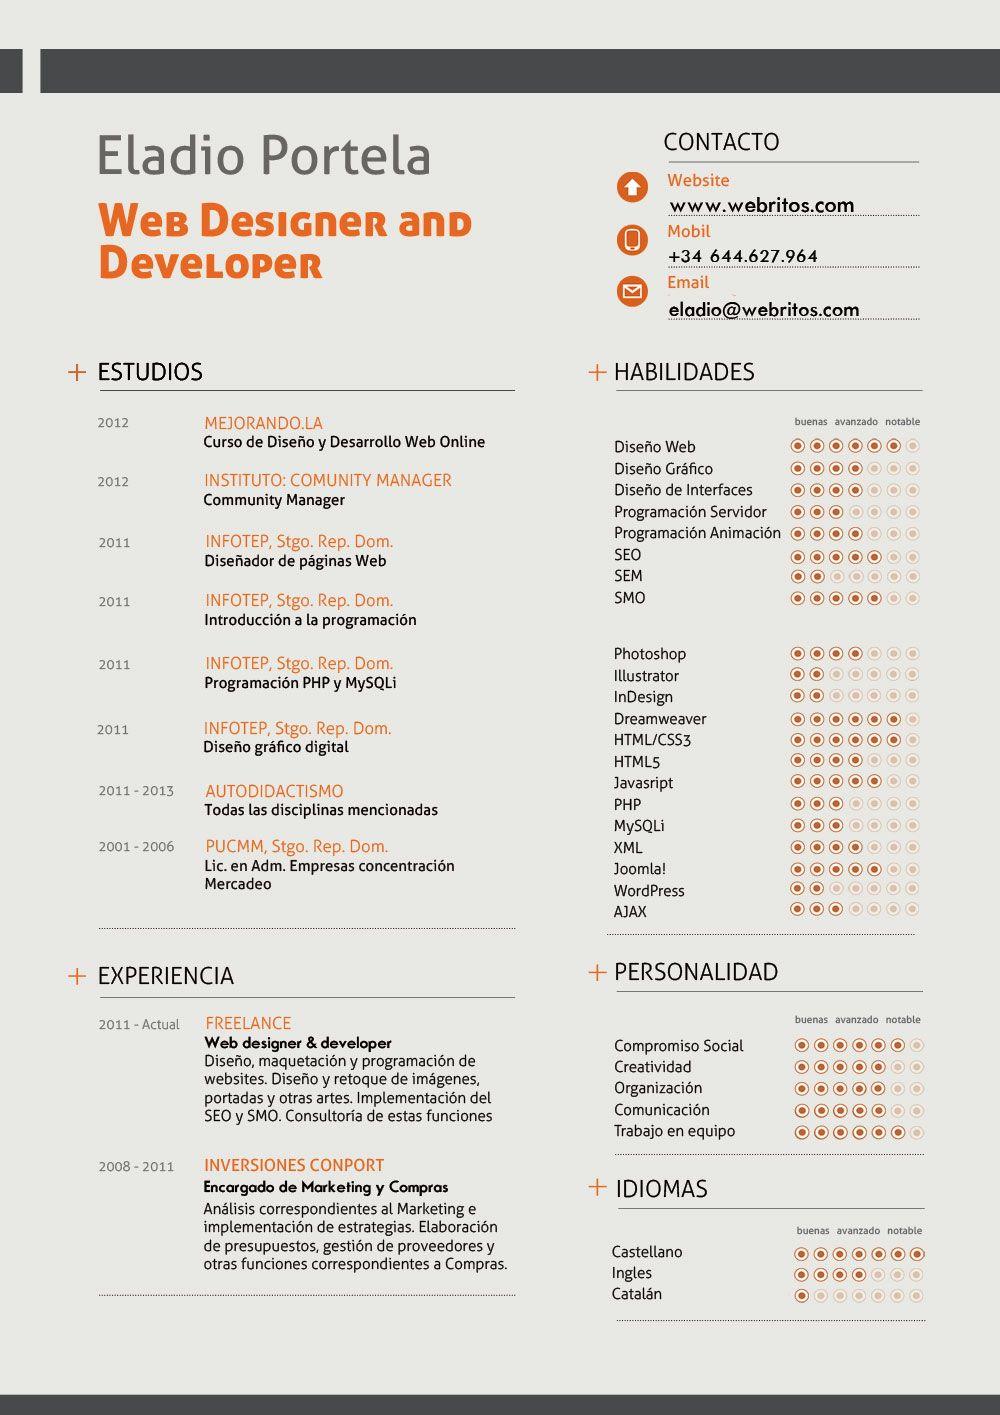 CV Eladio Portela - diseñador y desarrollador web | Ahmed ...